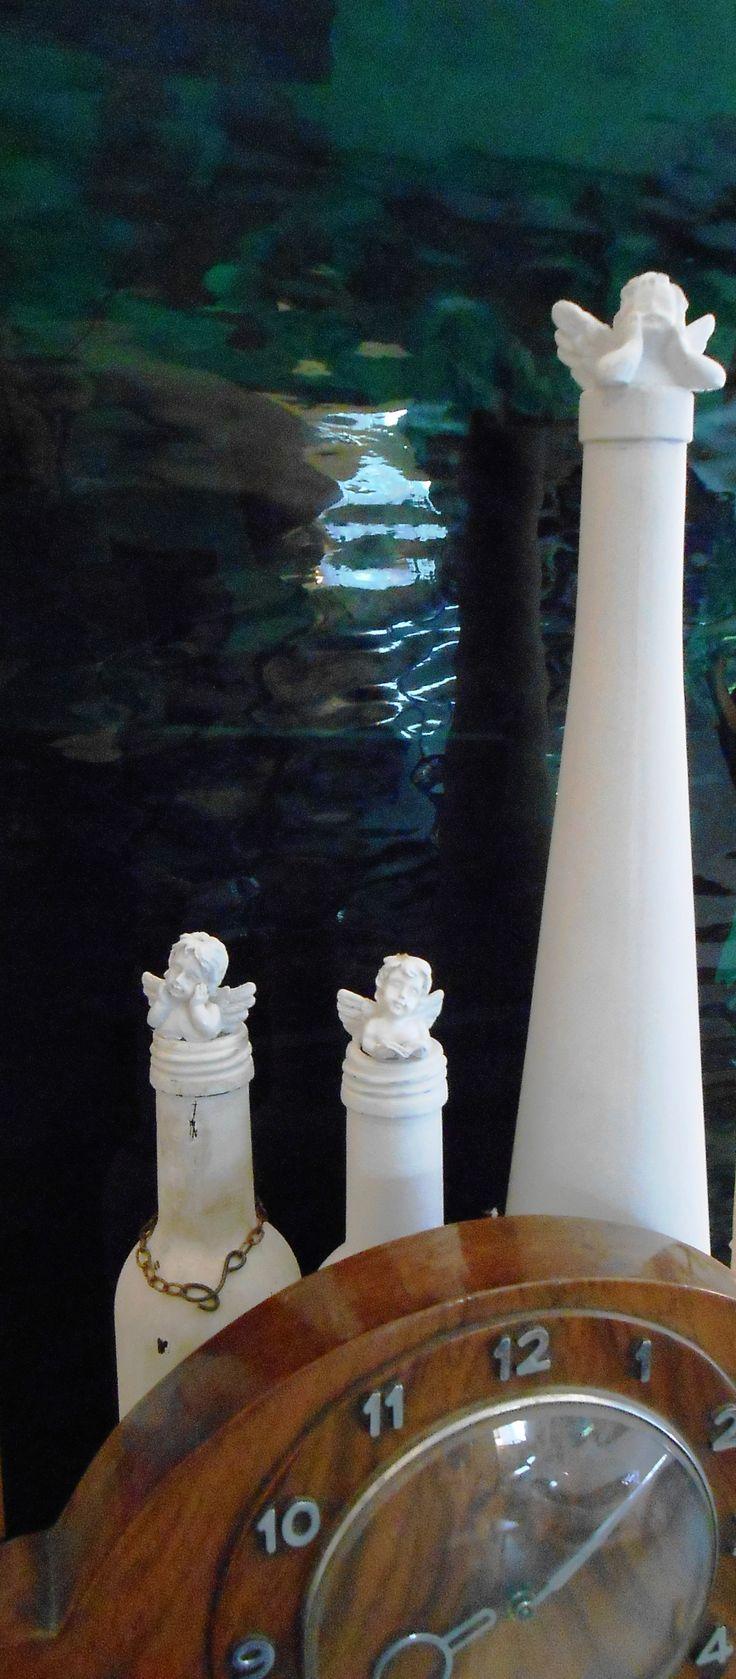 Mifelénk szellem helyett angyalok lakják az üvegeket... :-)